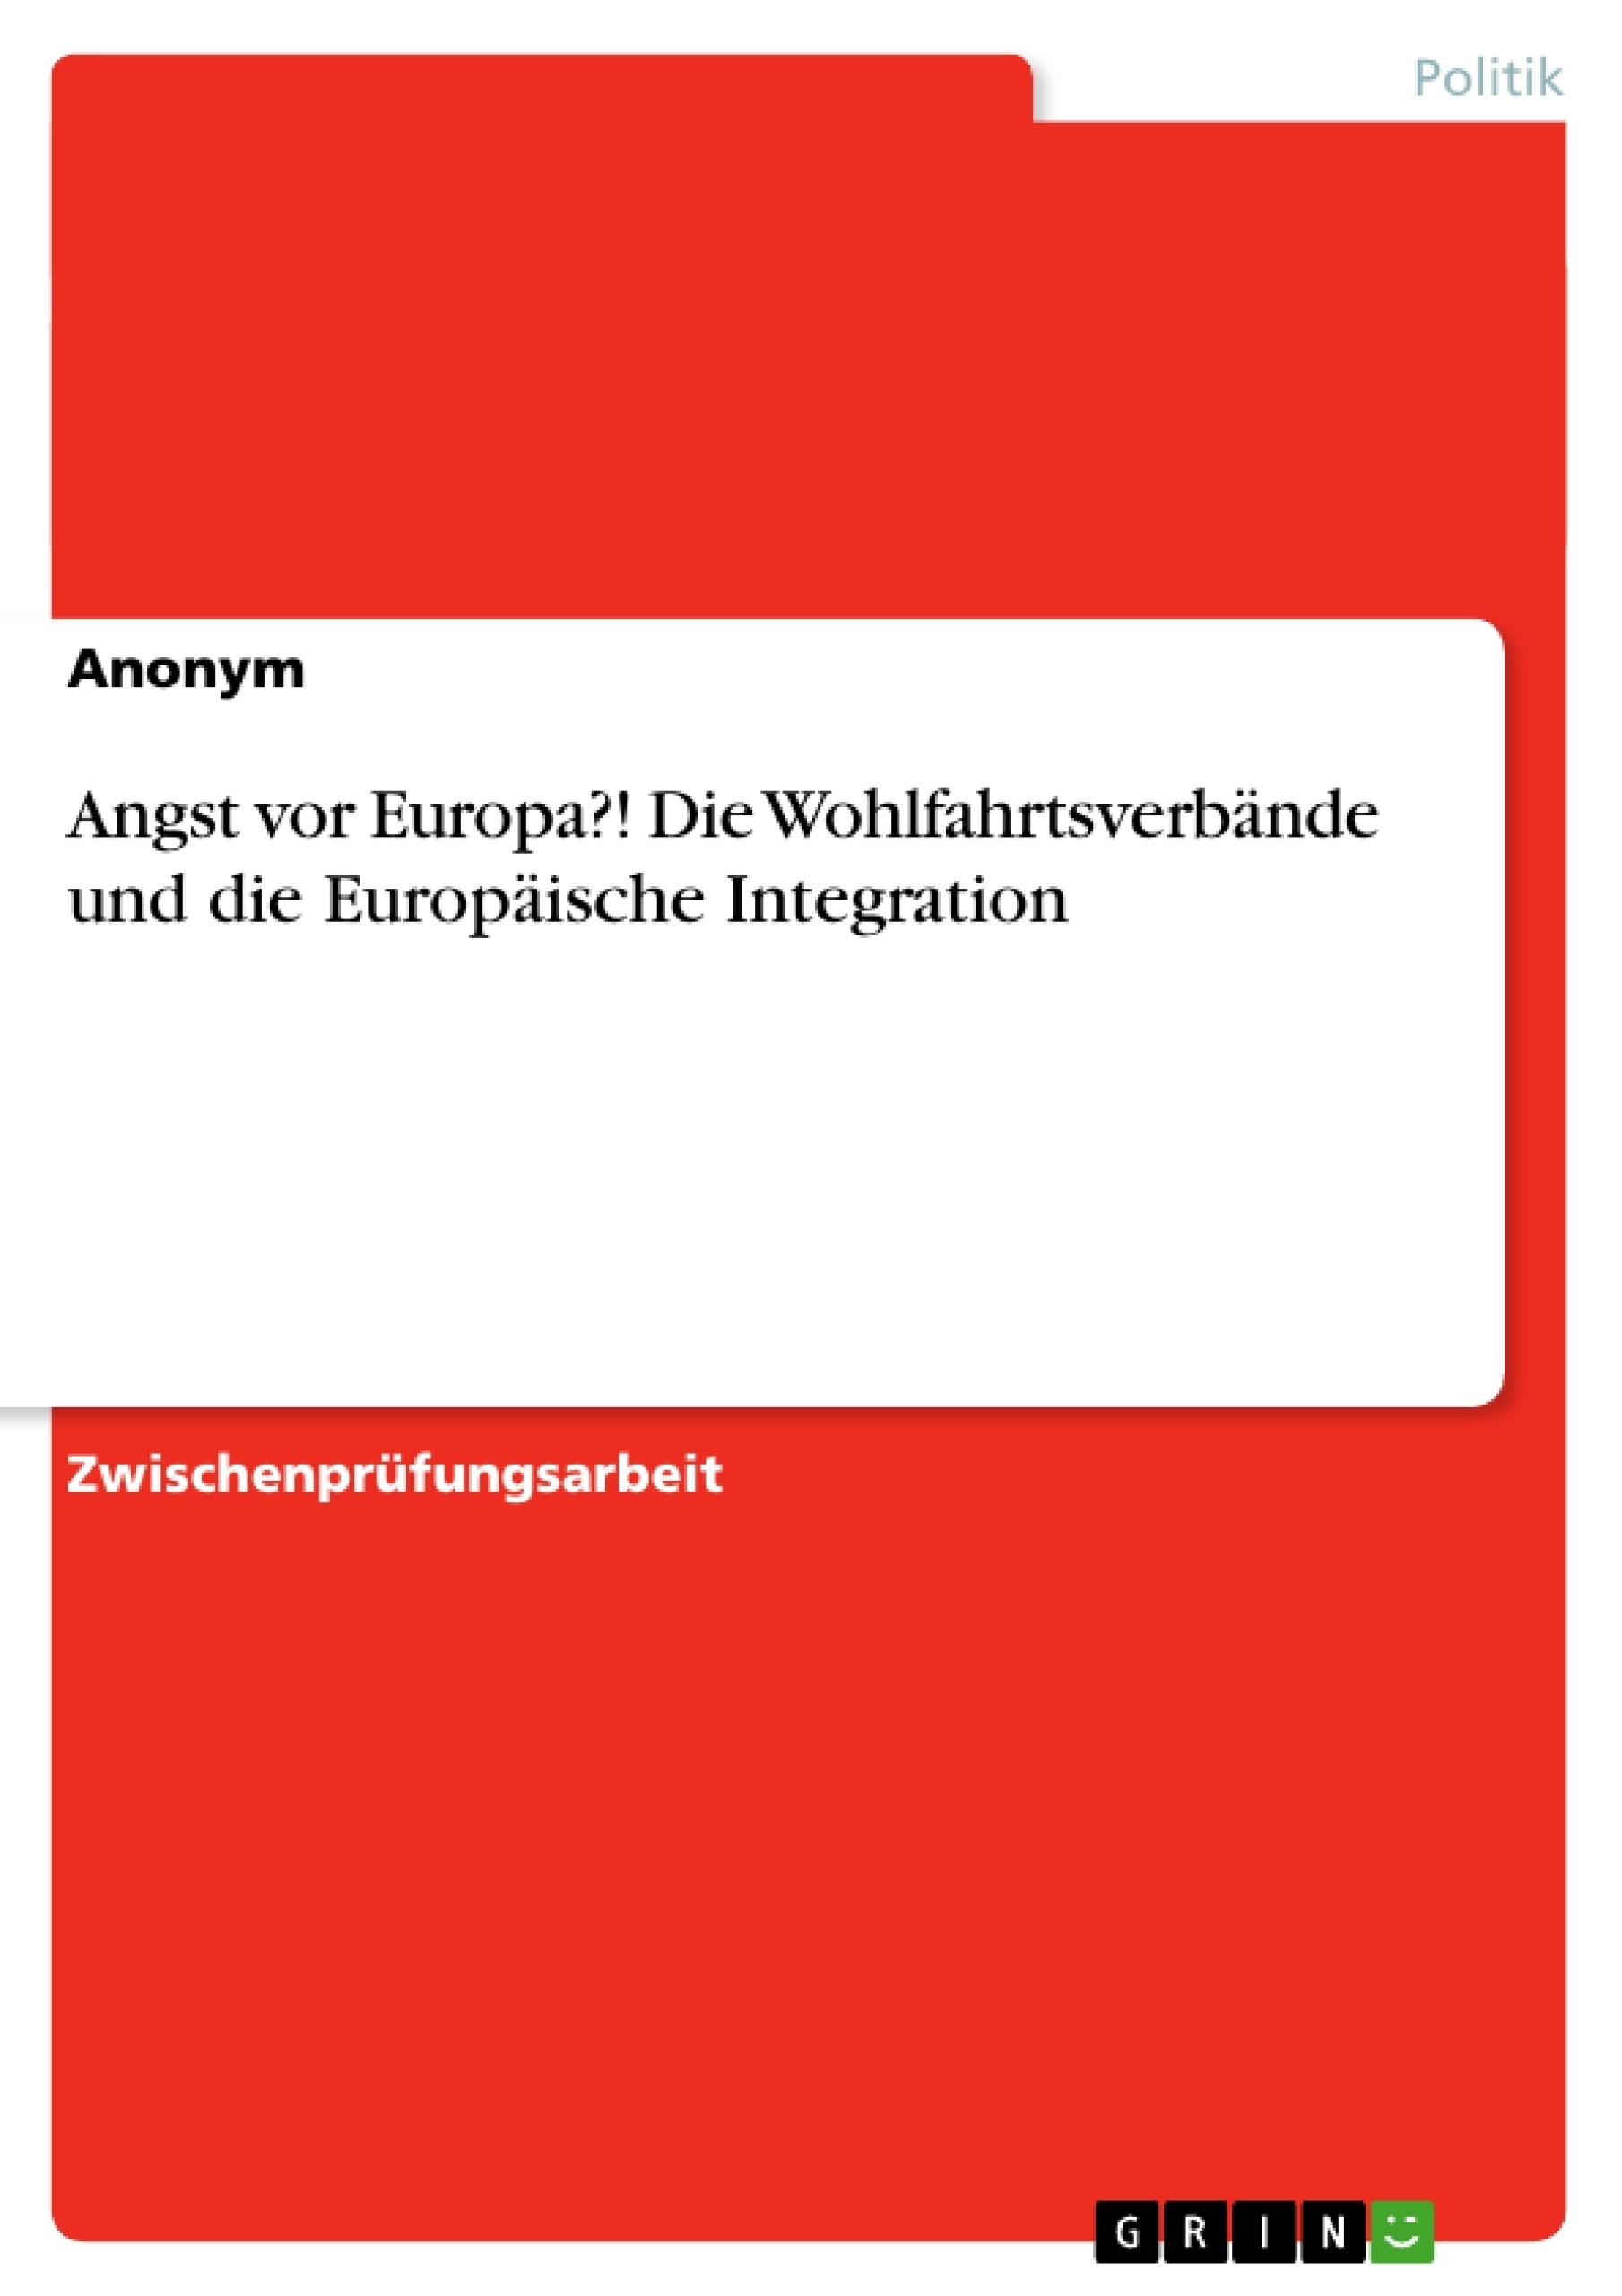 Titel: Angst vor Europa?! Die Wohlfahrtsverbände und die Europäische Integration